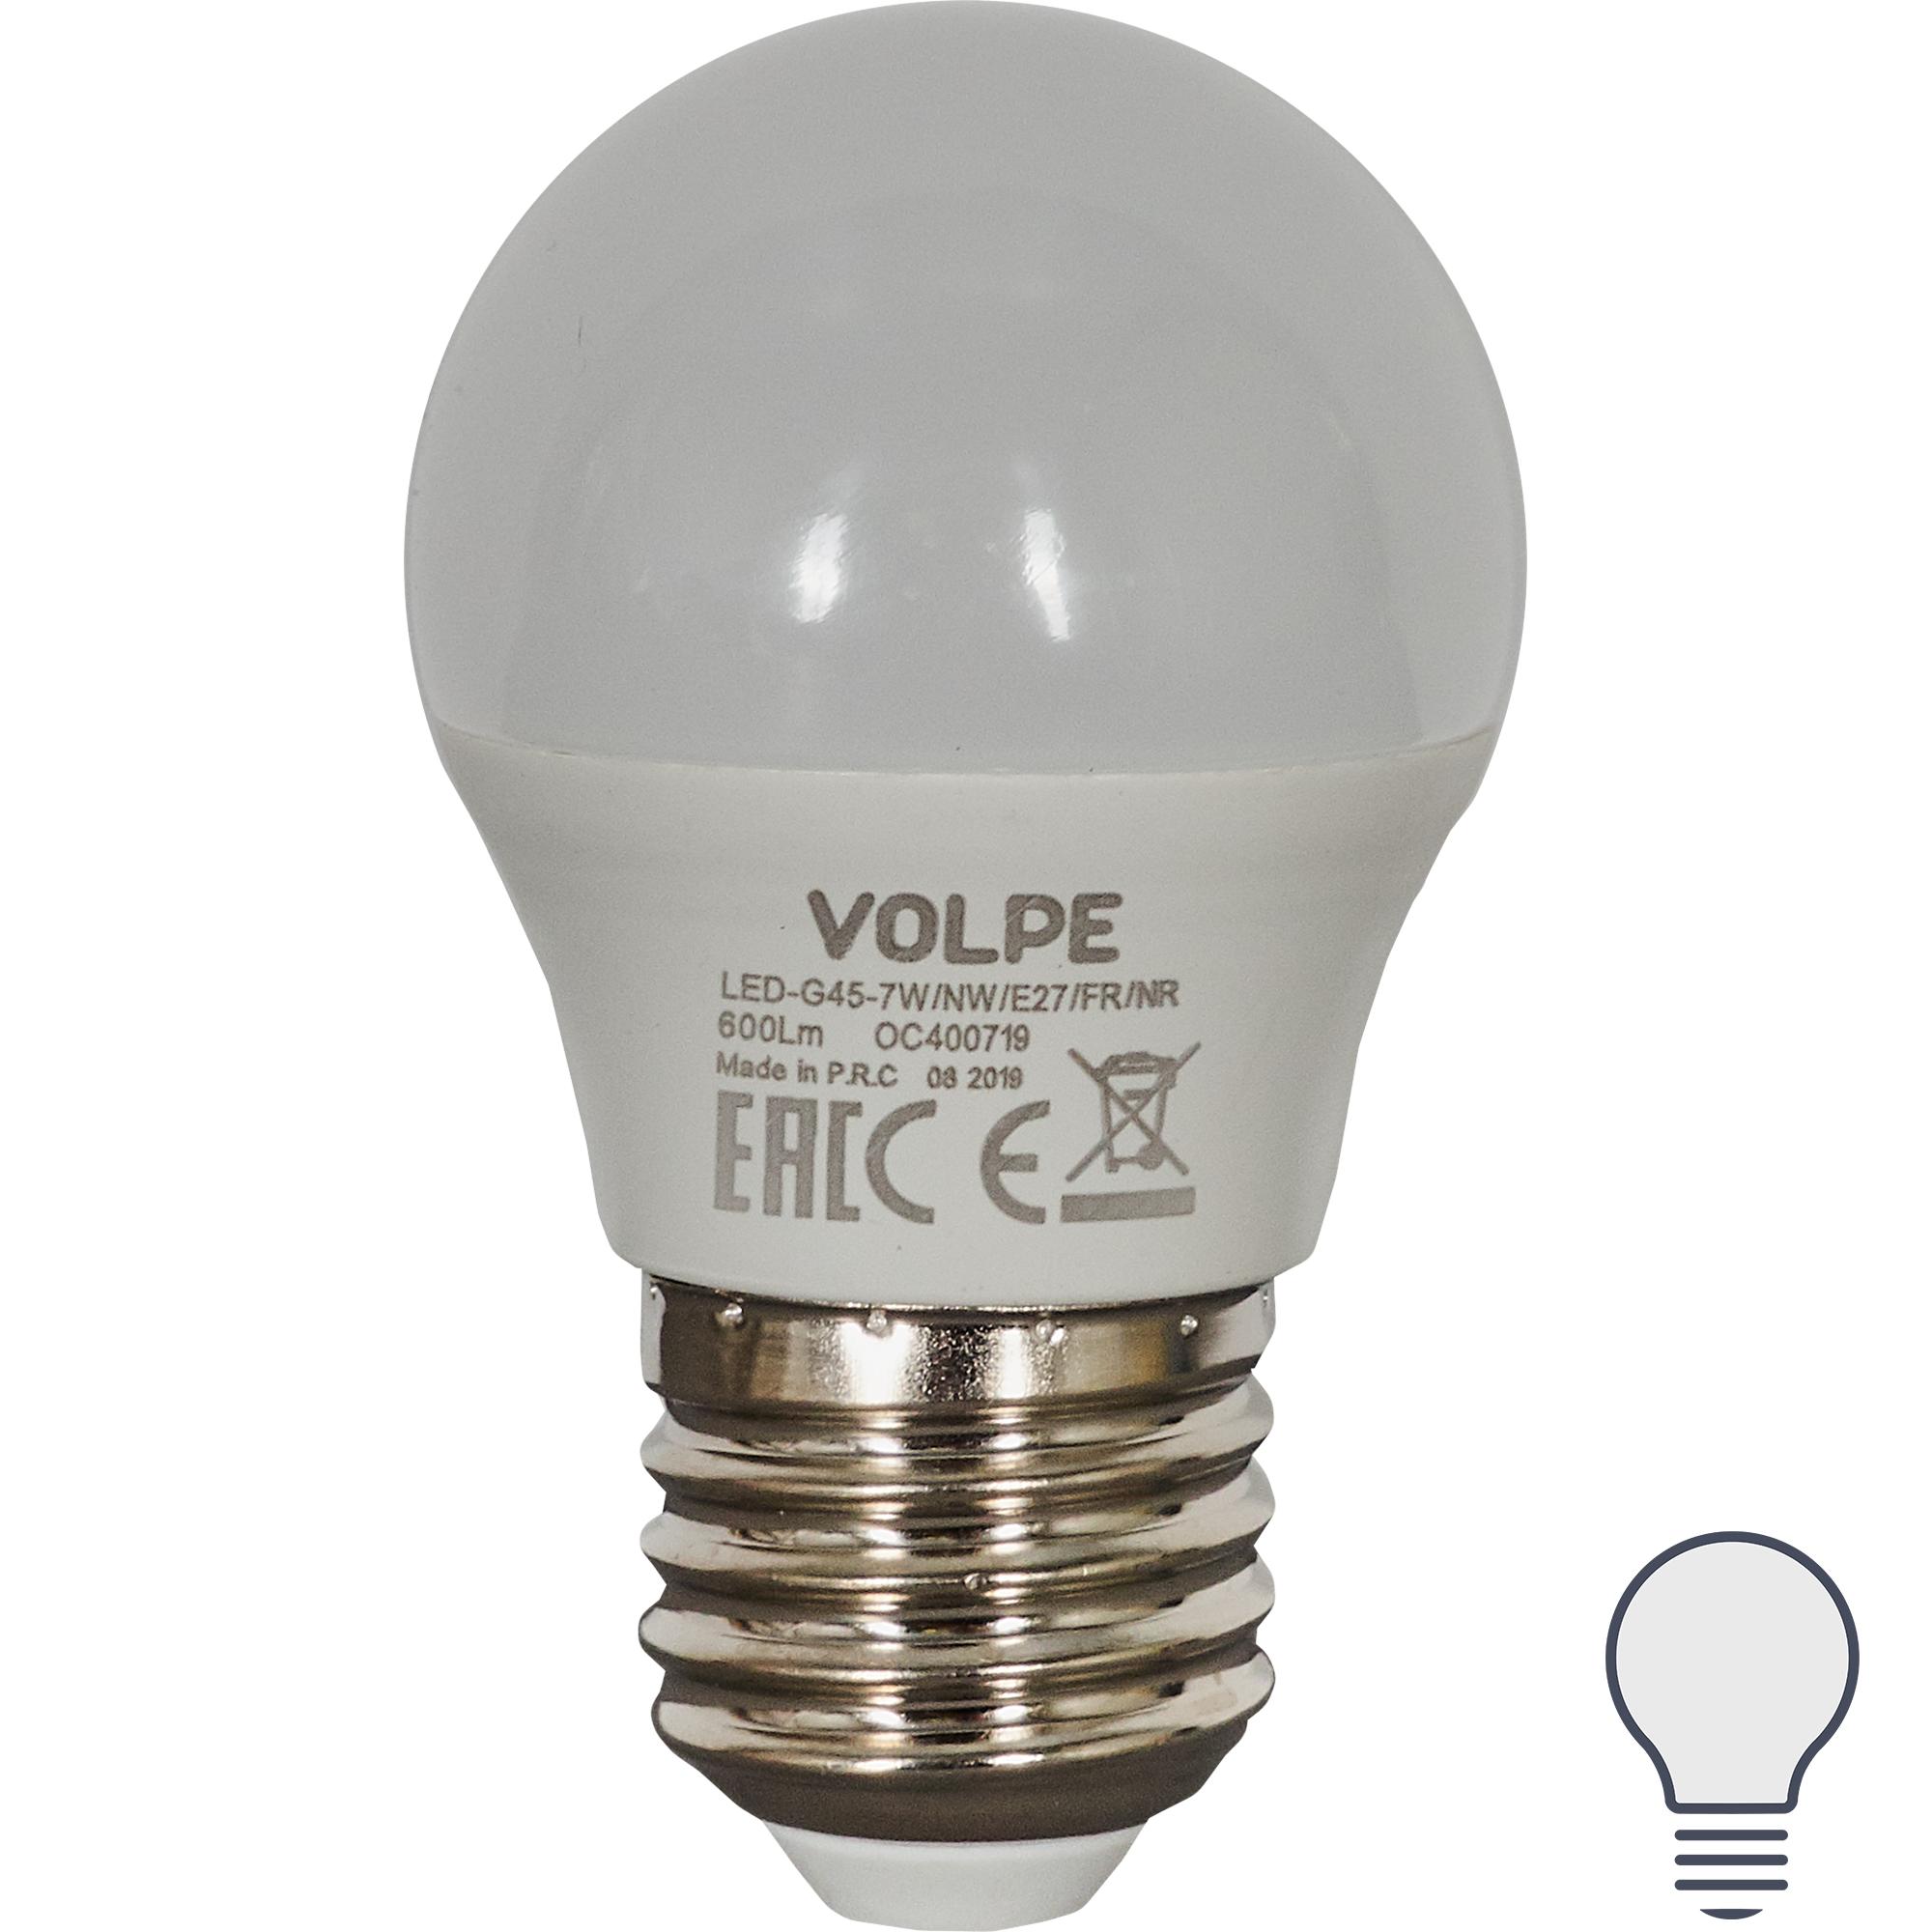 Лампа светодиодная Volpe Norma E27 220 В 7 Вт шар 600 лм холодный белый свет